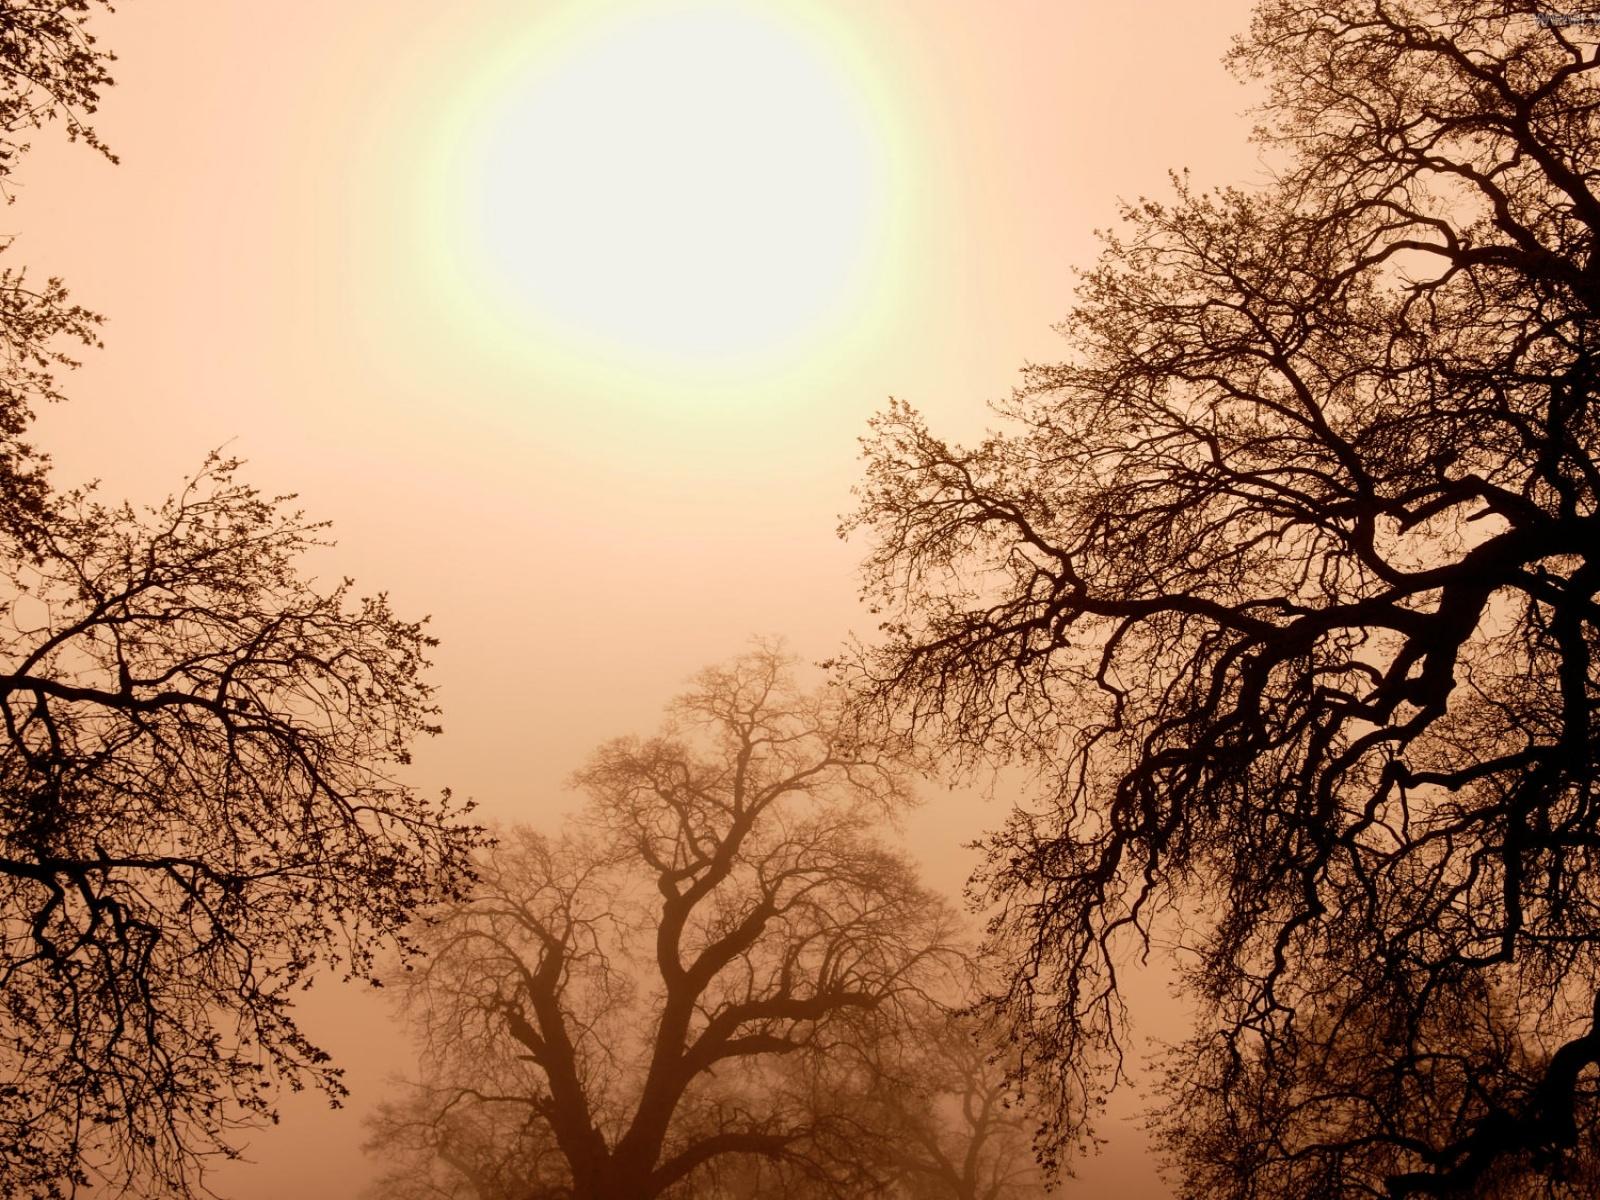 Скачать деревья, небо, солнце, туман, фото, обои, картинка #150362